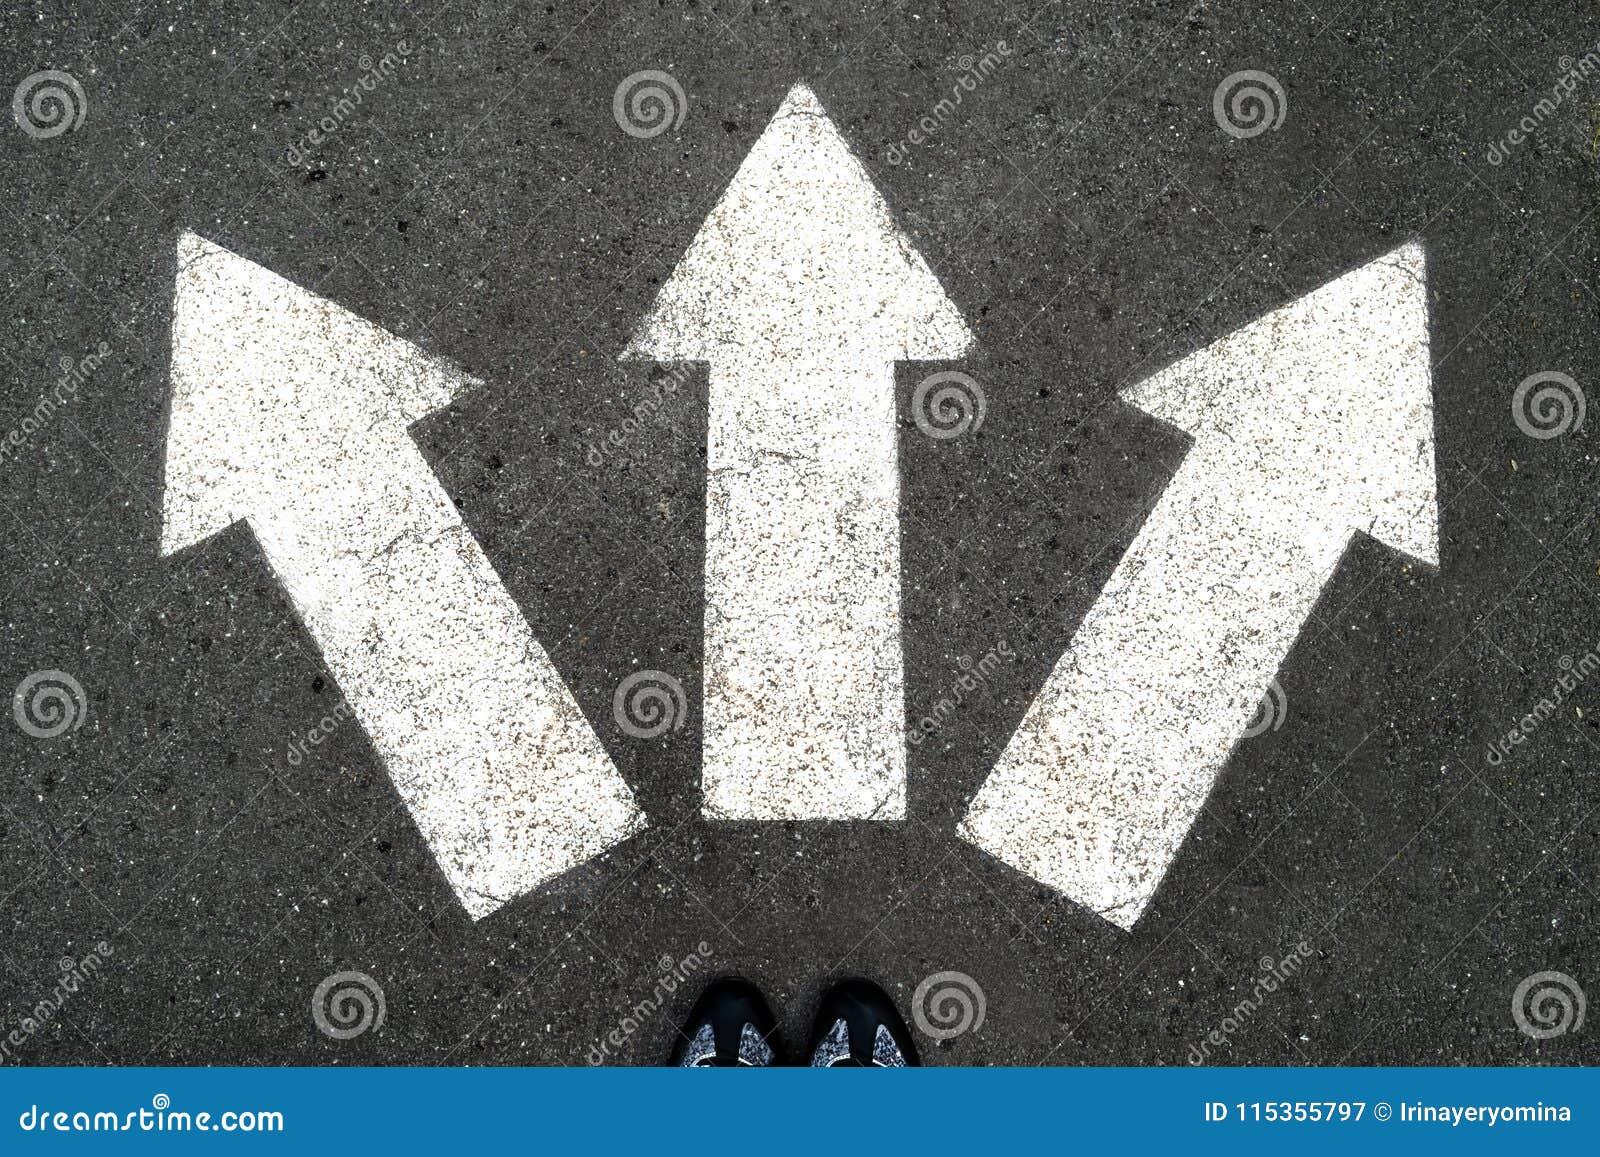 Τρία άσπρα βέλη που δείχνουν στις διαφορετικές κατευθύνσεις στο γκρίζο asph